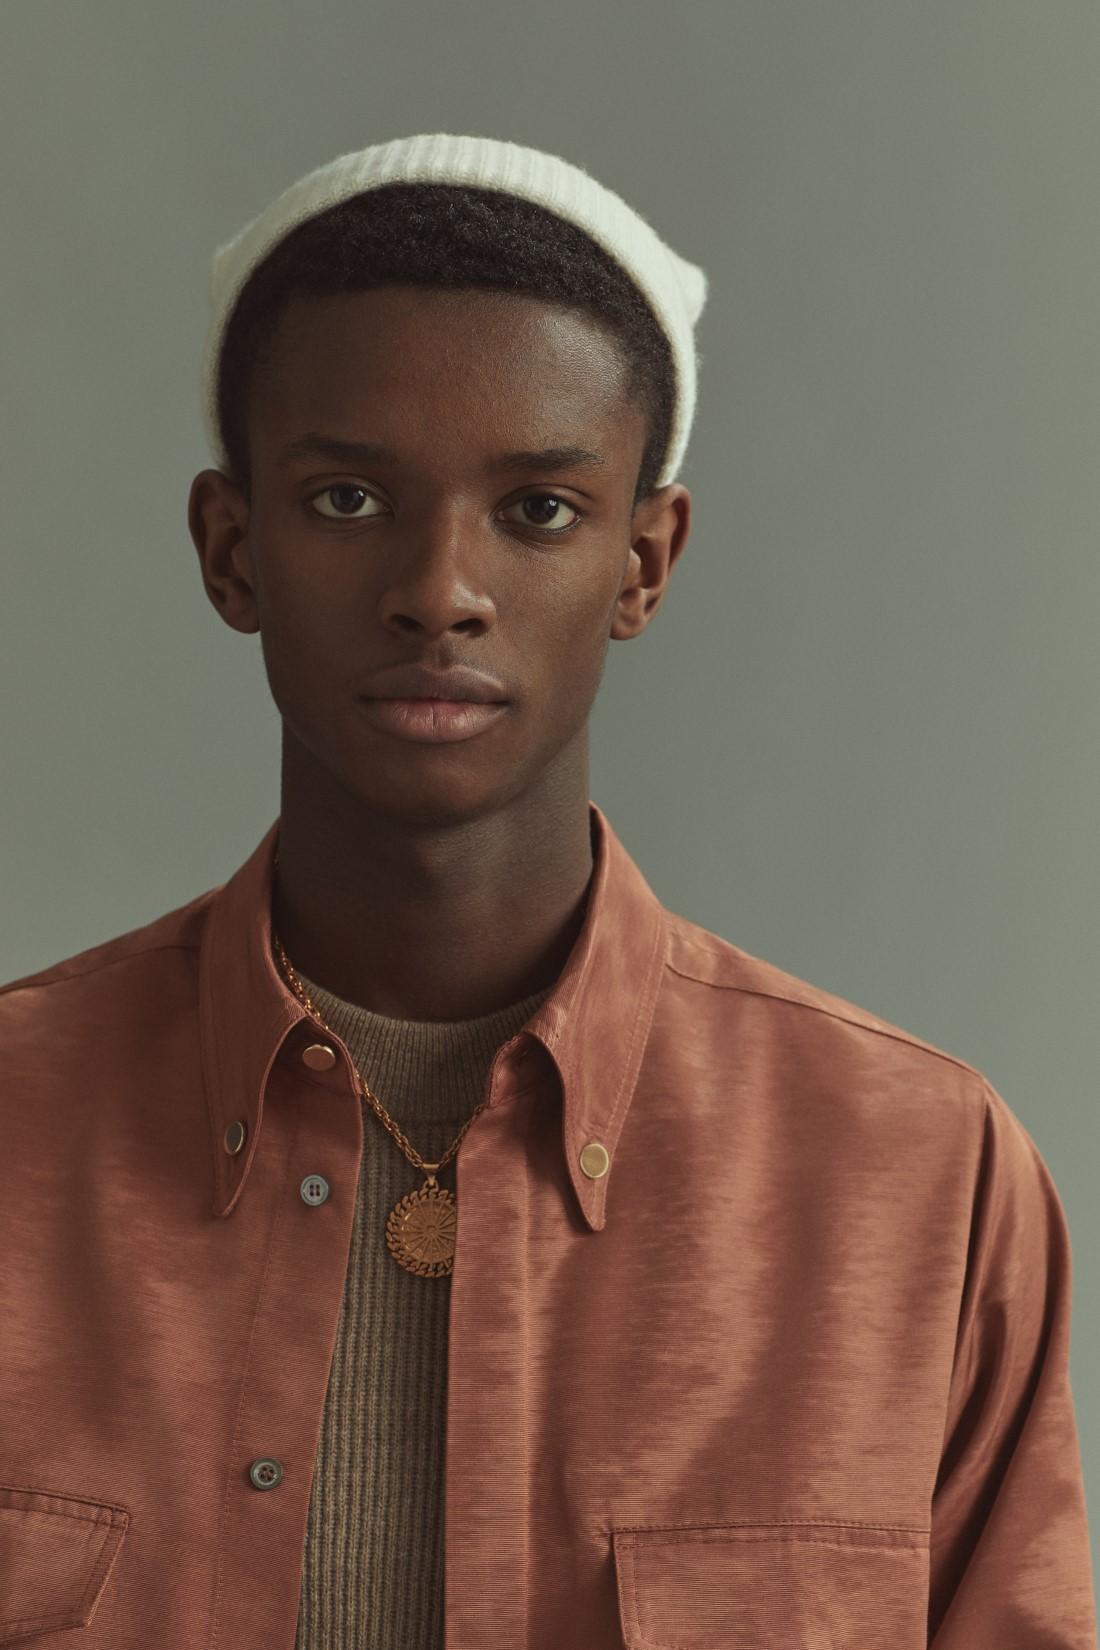 Edward Crutchley - Automne-Hiver 2021 - London Fashion Week